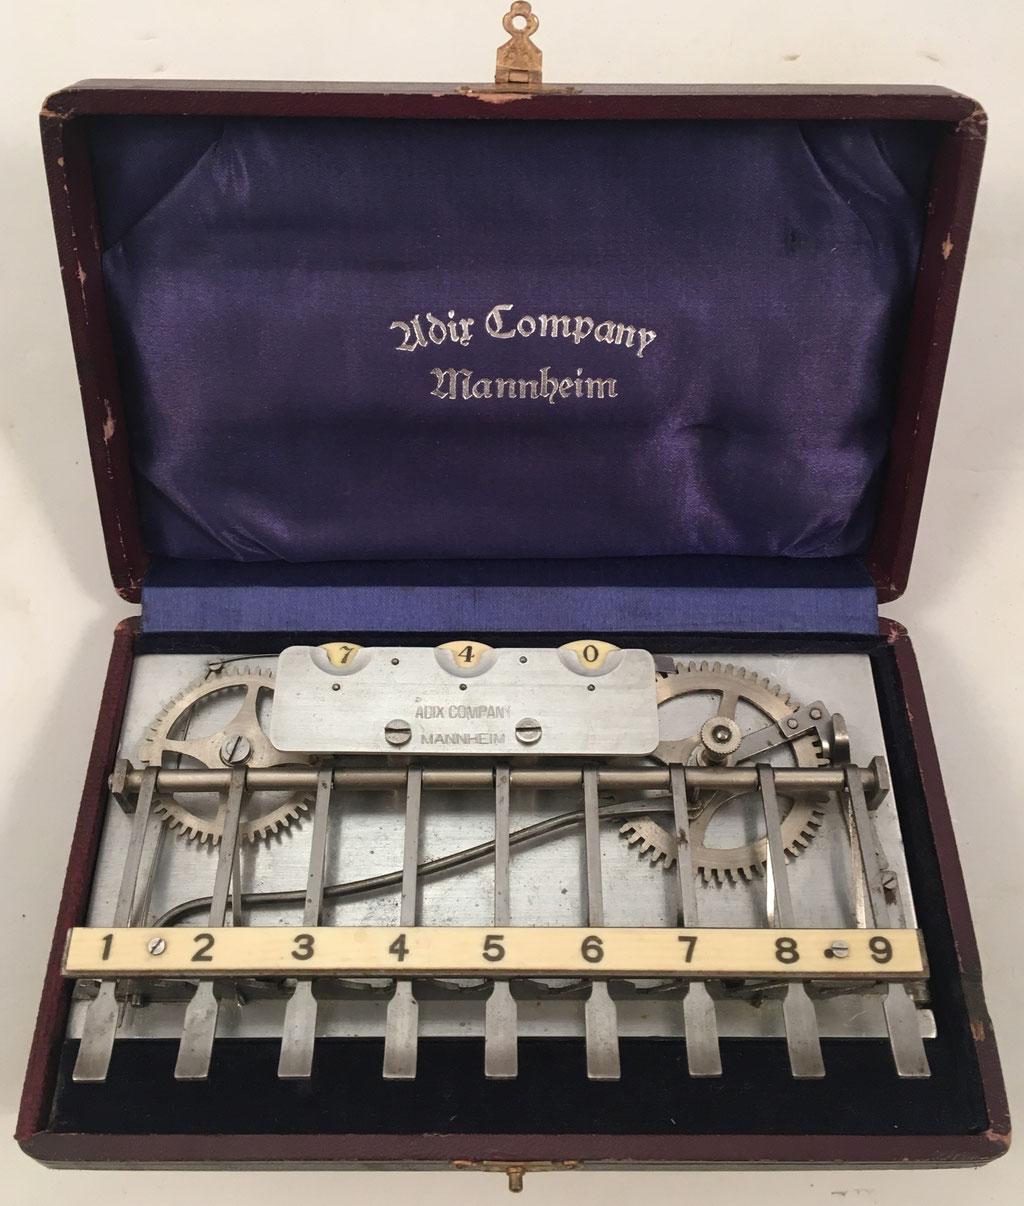 Sumadora ADIX modelo 1 asimétrica (con placa base de completa y ruedas de aluminio de tamaño diferente), hecha por Palweber & Bordt (Mannhein), sin s/n, sin barra para decenas, año 1903,  16x10 cm